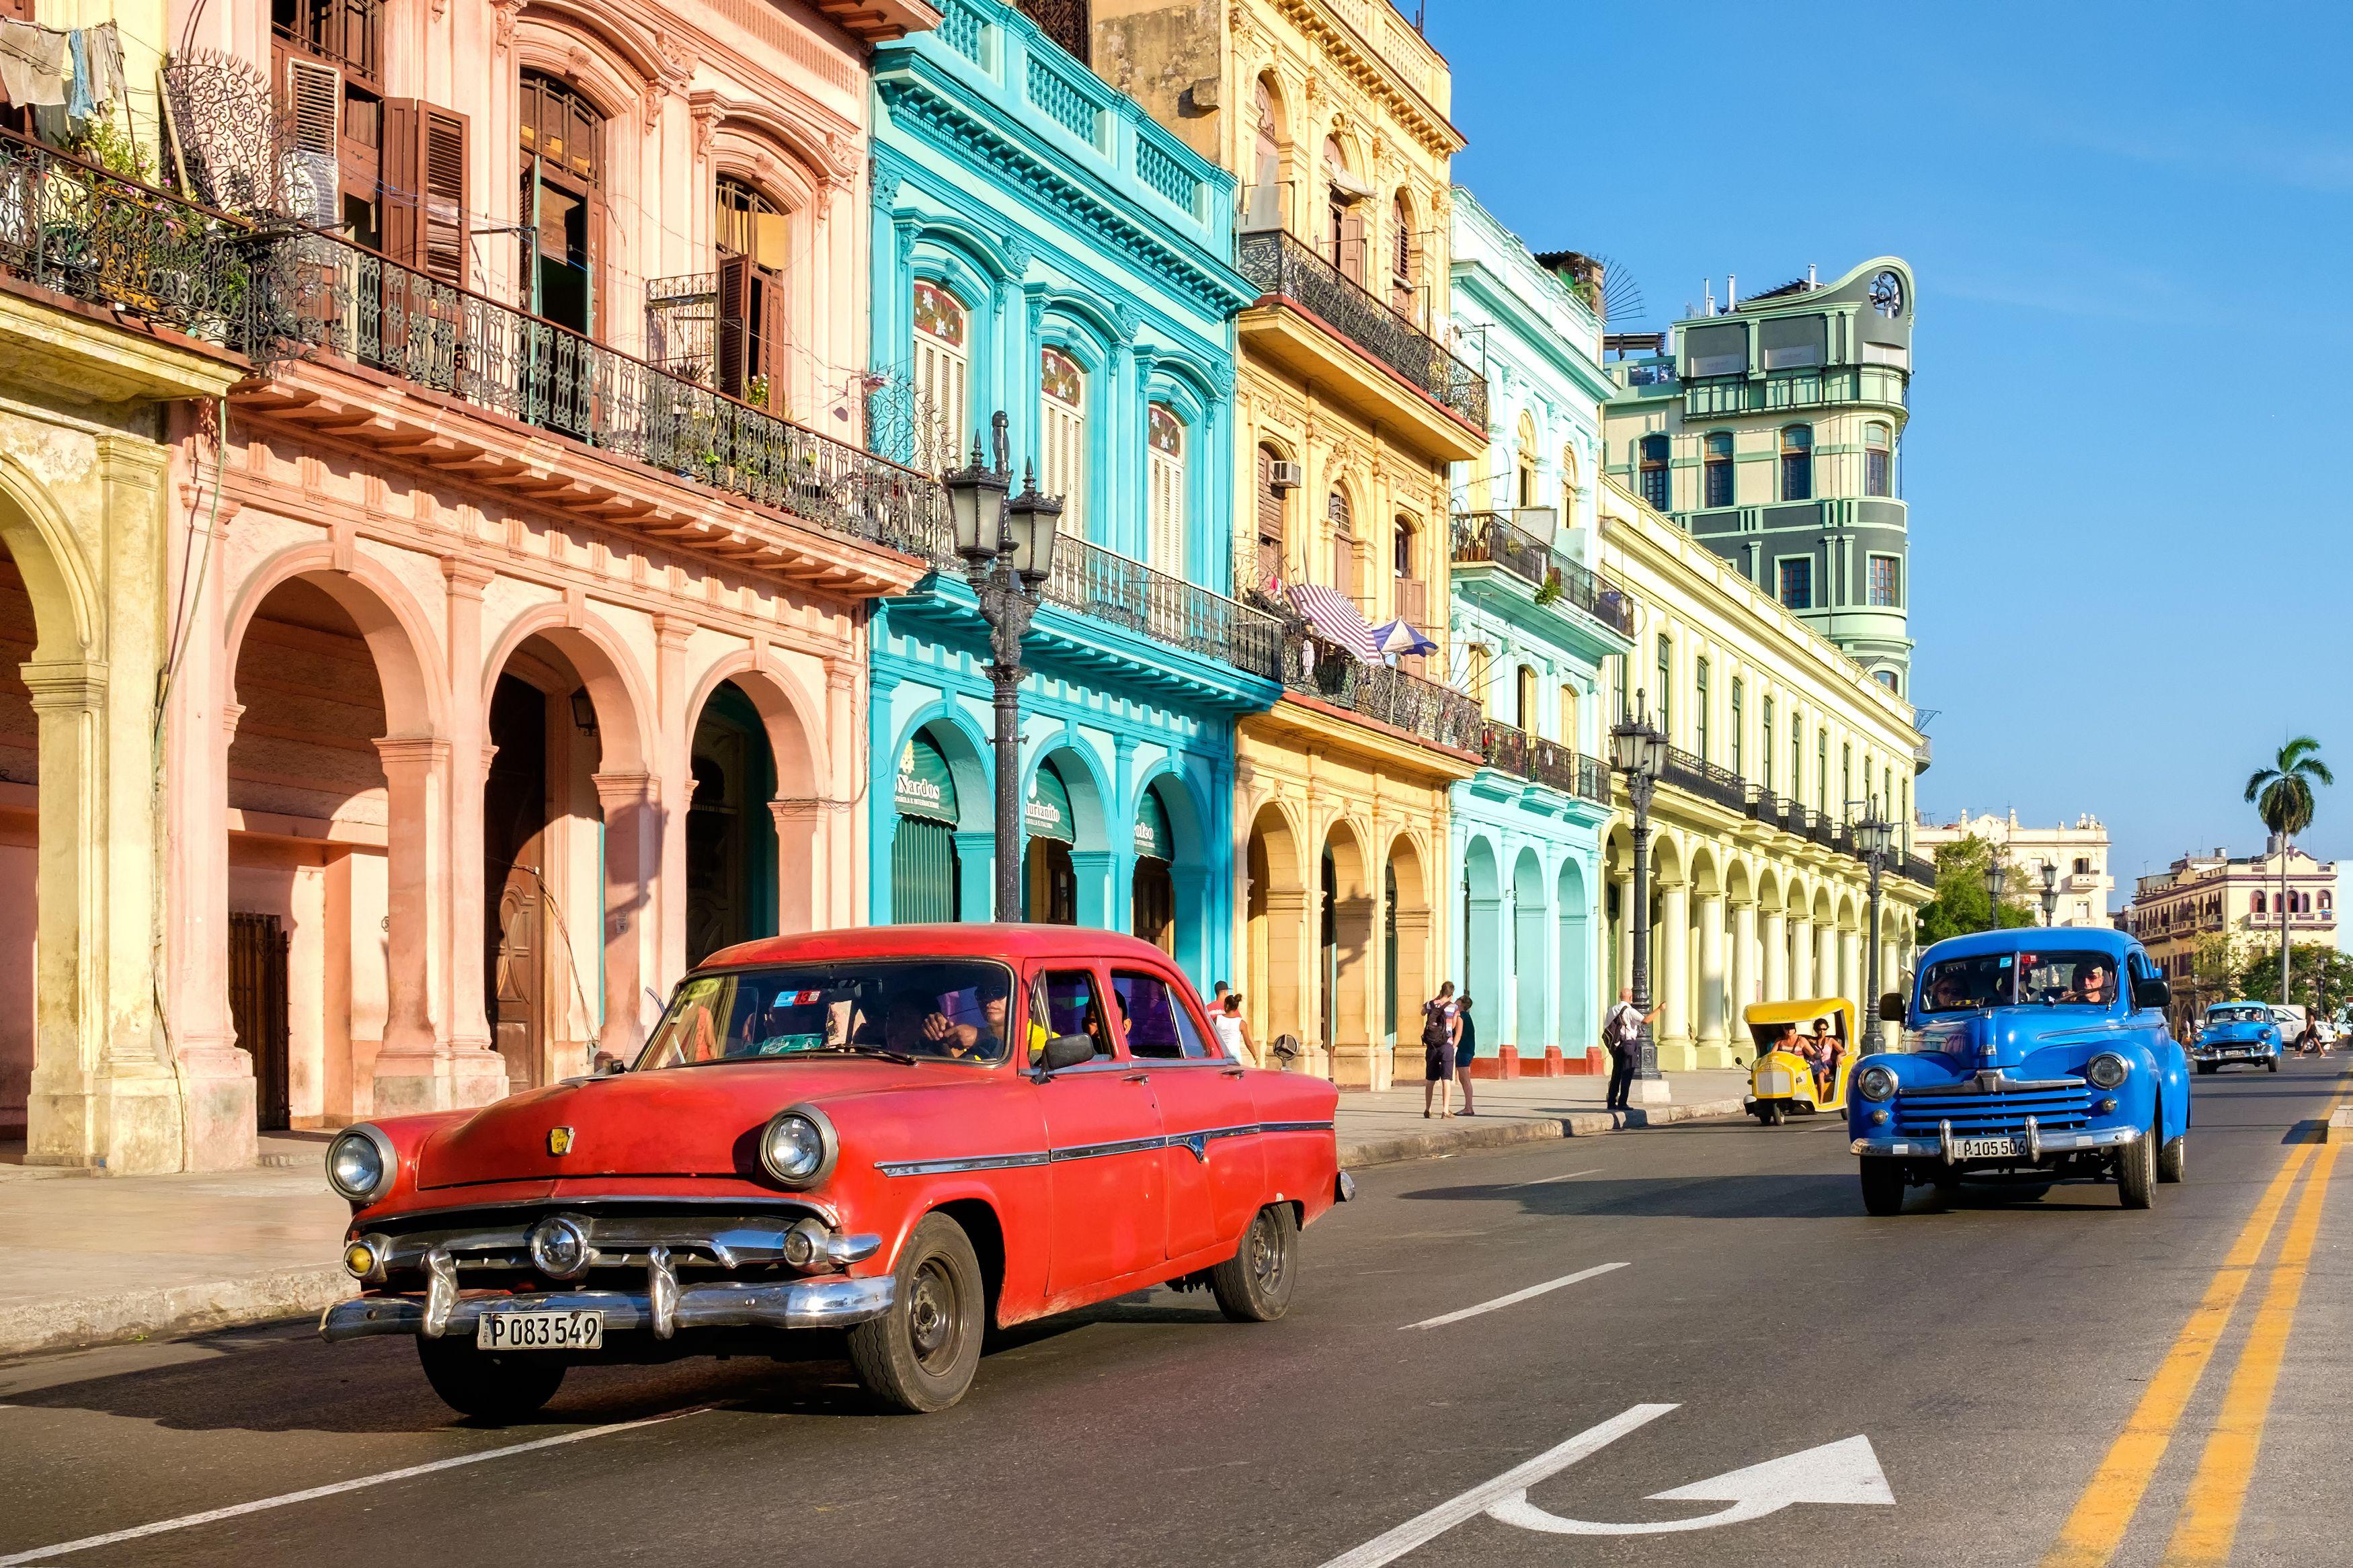 Detenida en el tiempo, Cuba es como un príncipe con el abrigo de un pobre. Pobre en lo económico, rica por su cultura, enmohecida pero con una magnífica arquitectura, exasperante y estimulante al tiempo. #atlantaexperiencias #cuba